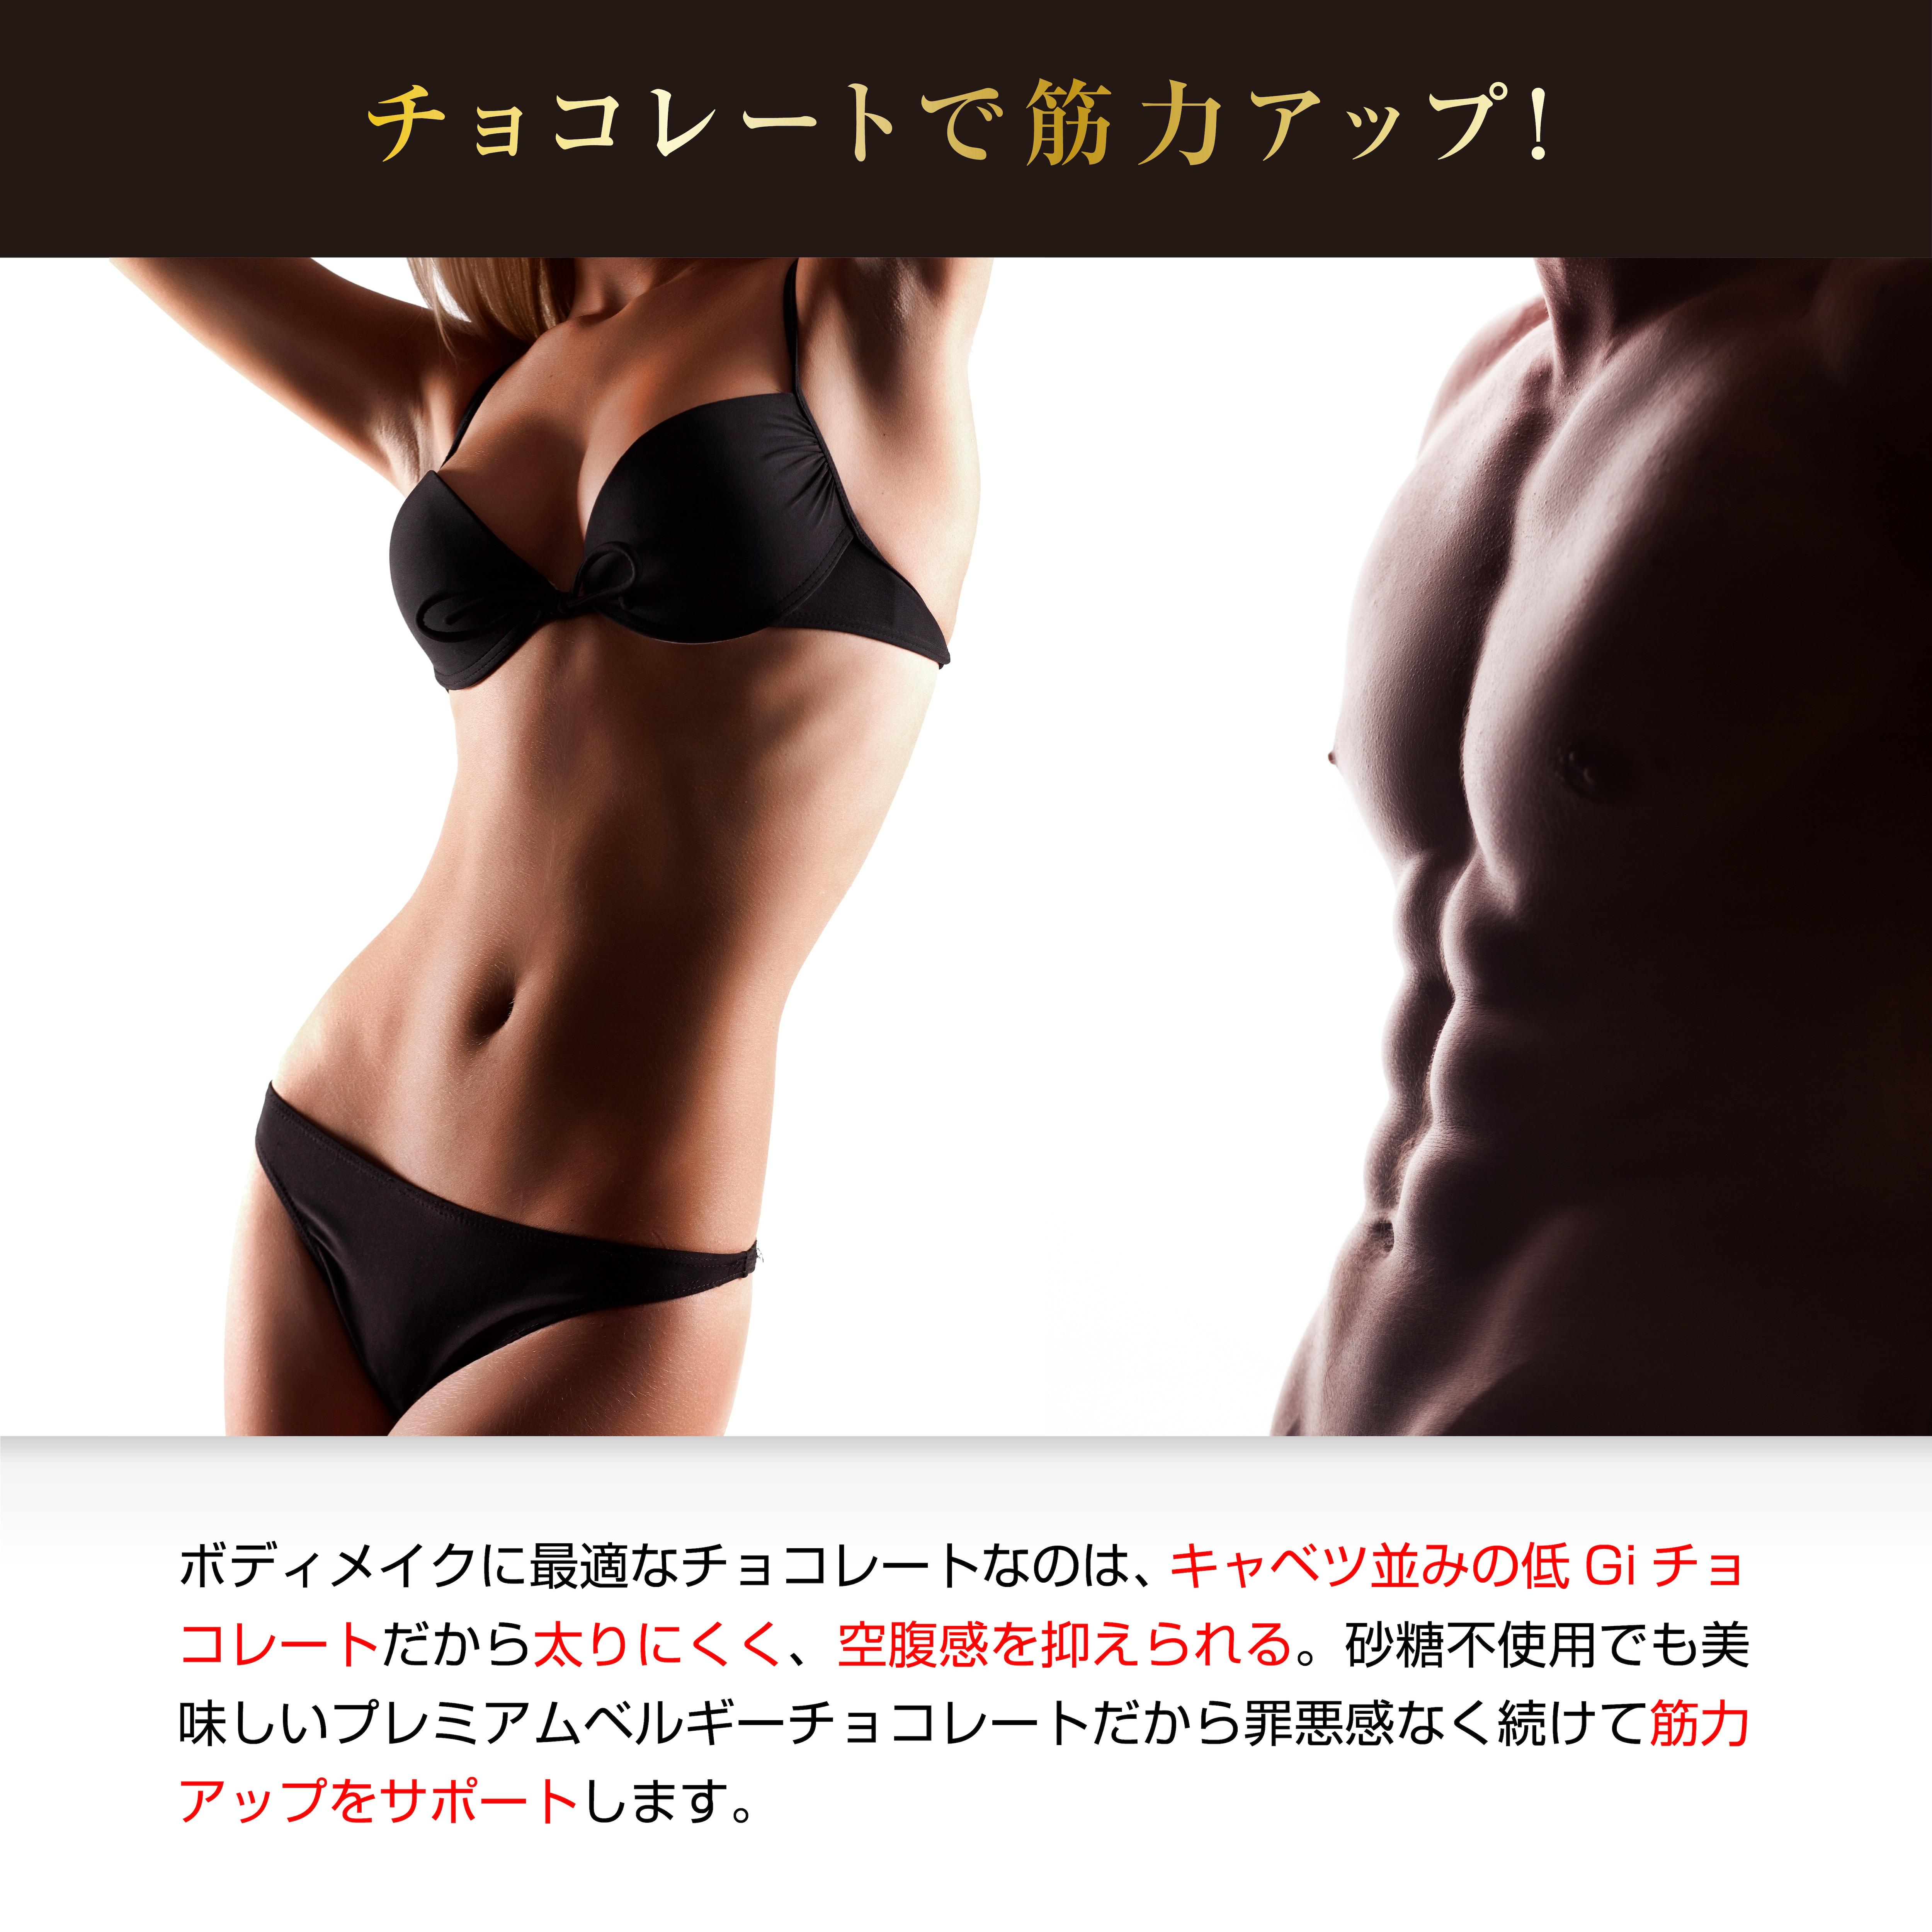 高カカオポリフェノールプレミアムベルギーチョコレート《Gi26》美健康体質改善